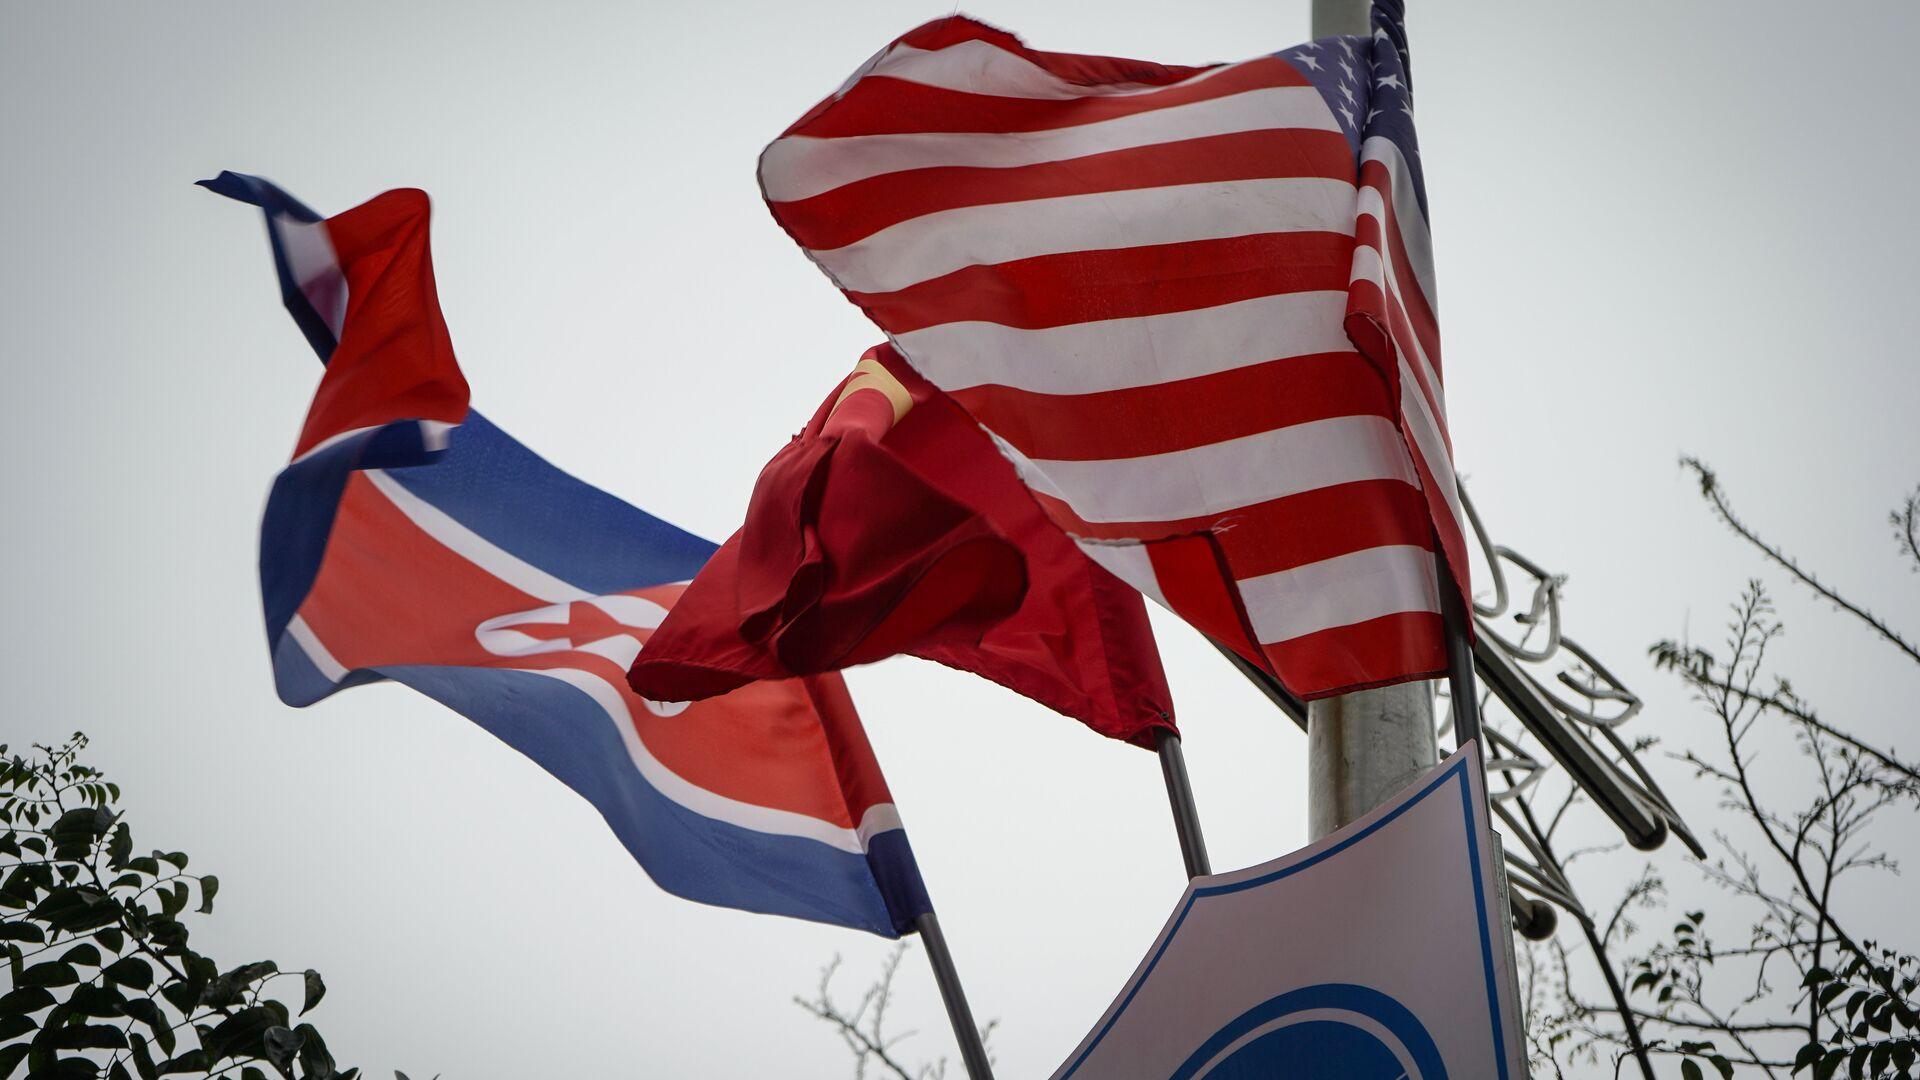 Banderas de Corea del Norte y EEUU en Hanói - Sputnik Mundo, 1920, 23.07.2021